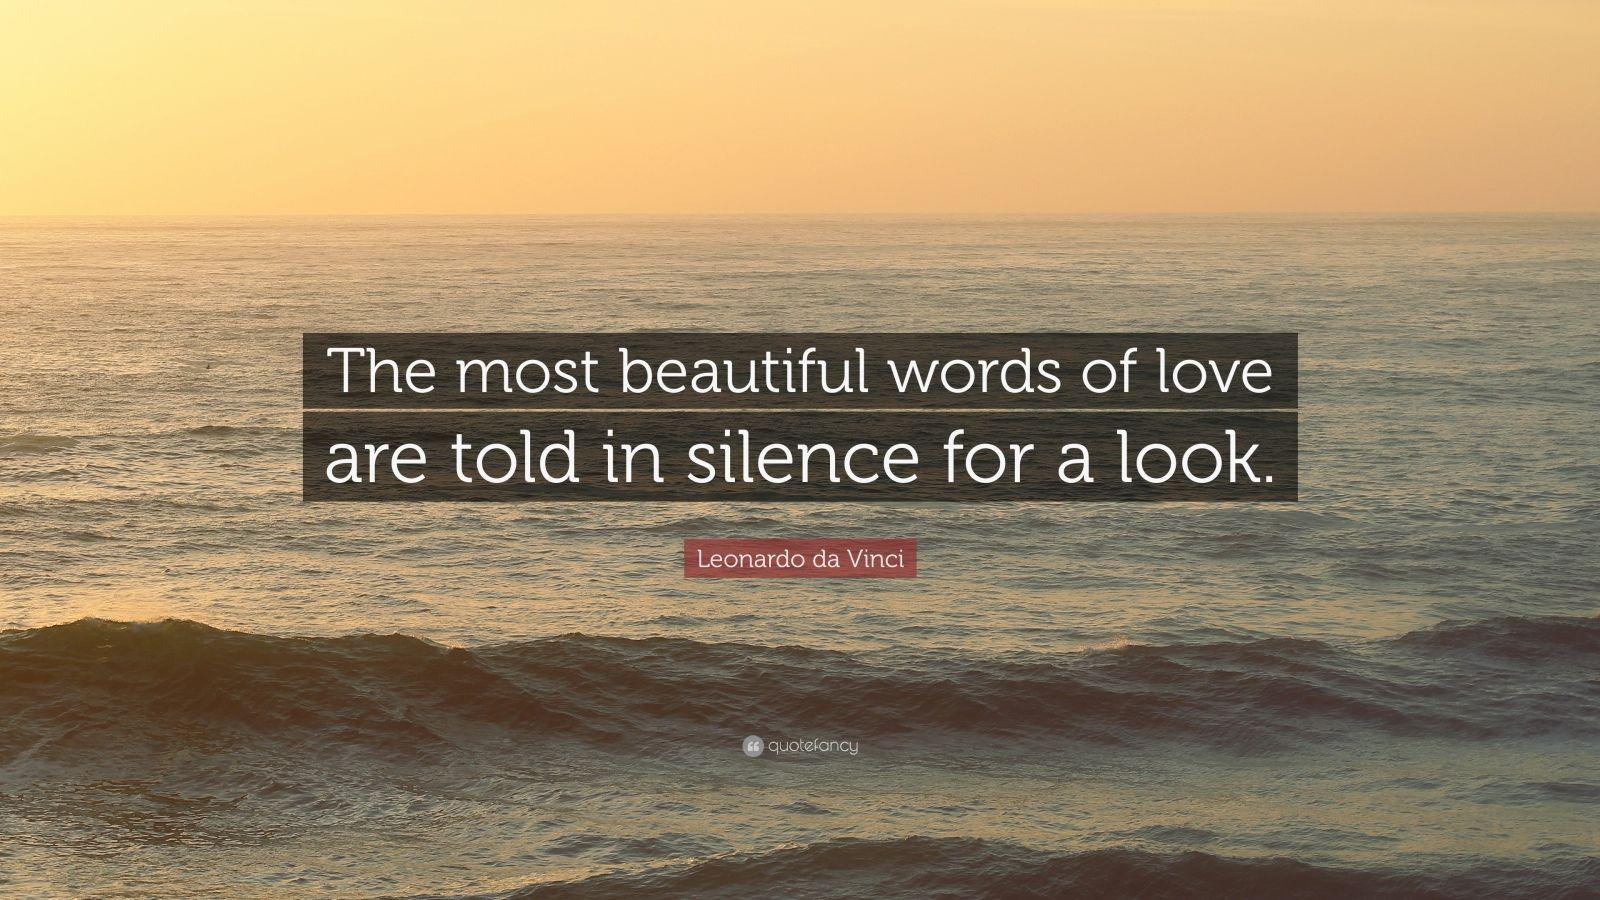 leonardo da vinci quote �the most beautiful words of love